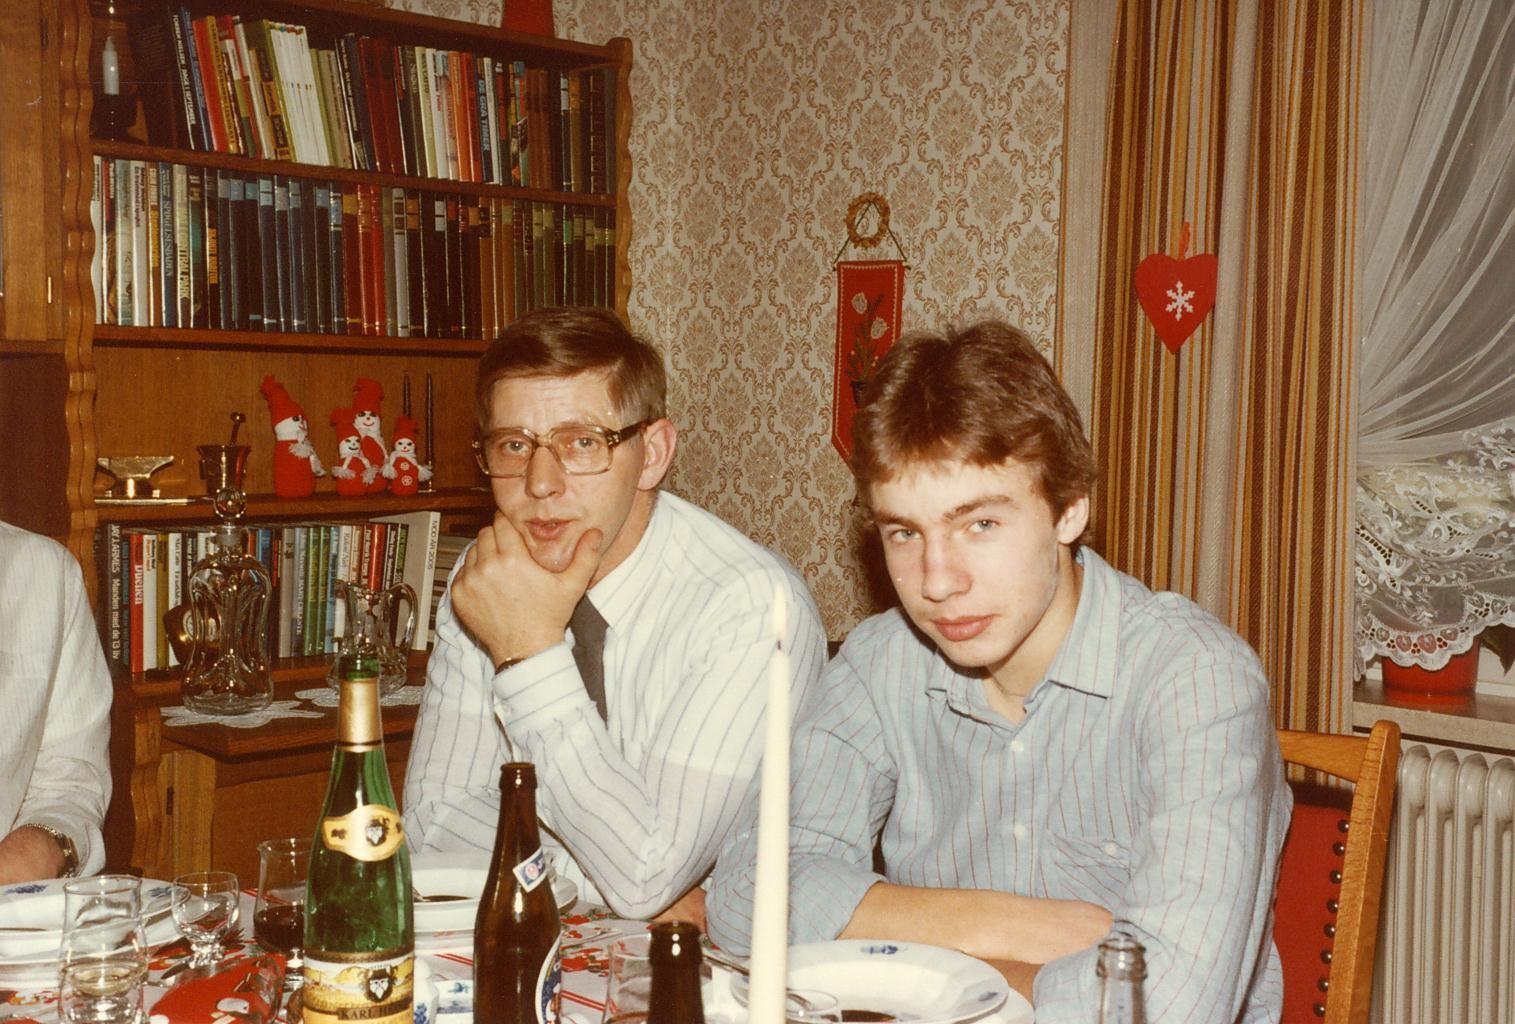 Scan11336 OVE OG HENRIK 24-12-1983